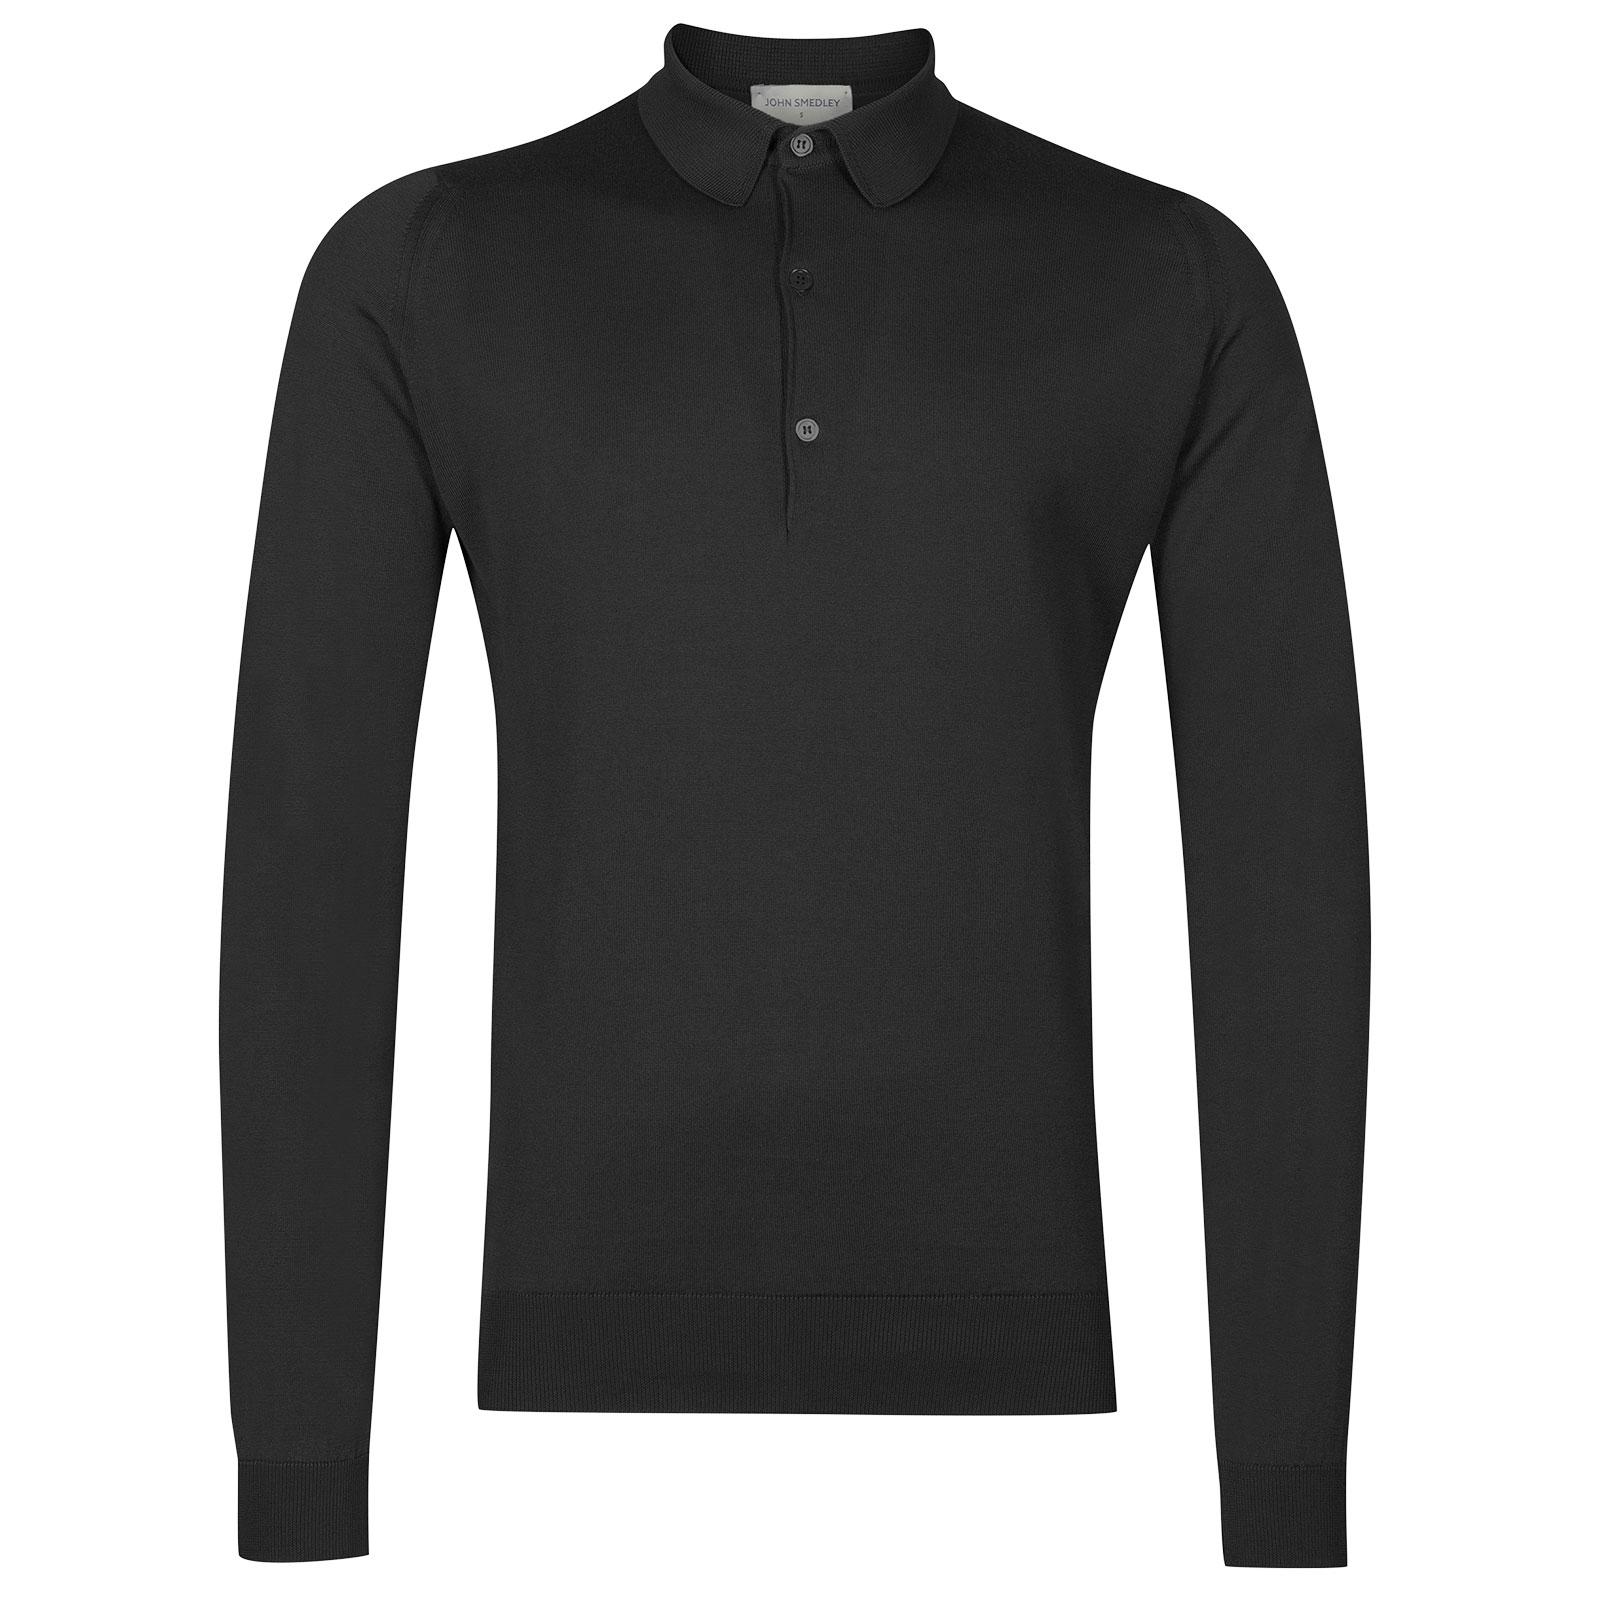 John Smedley Bradwell in Flannel Grey Shirt-SML